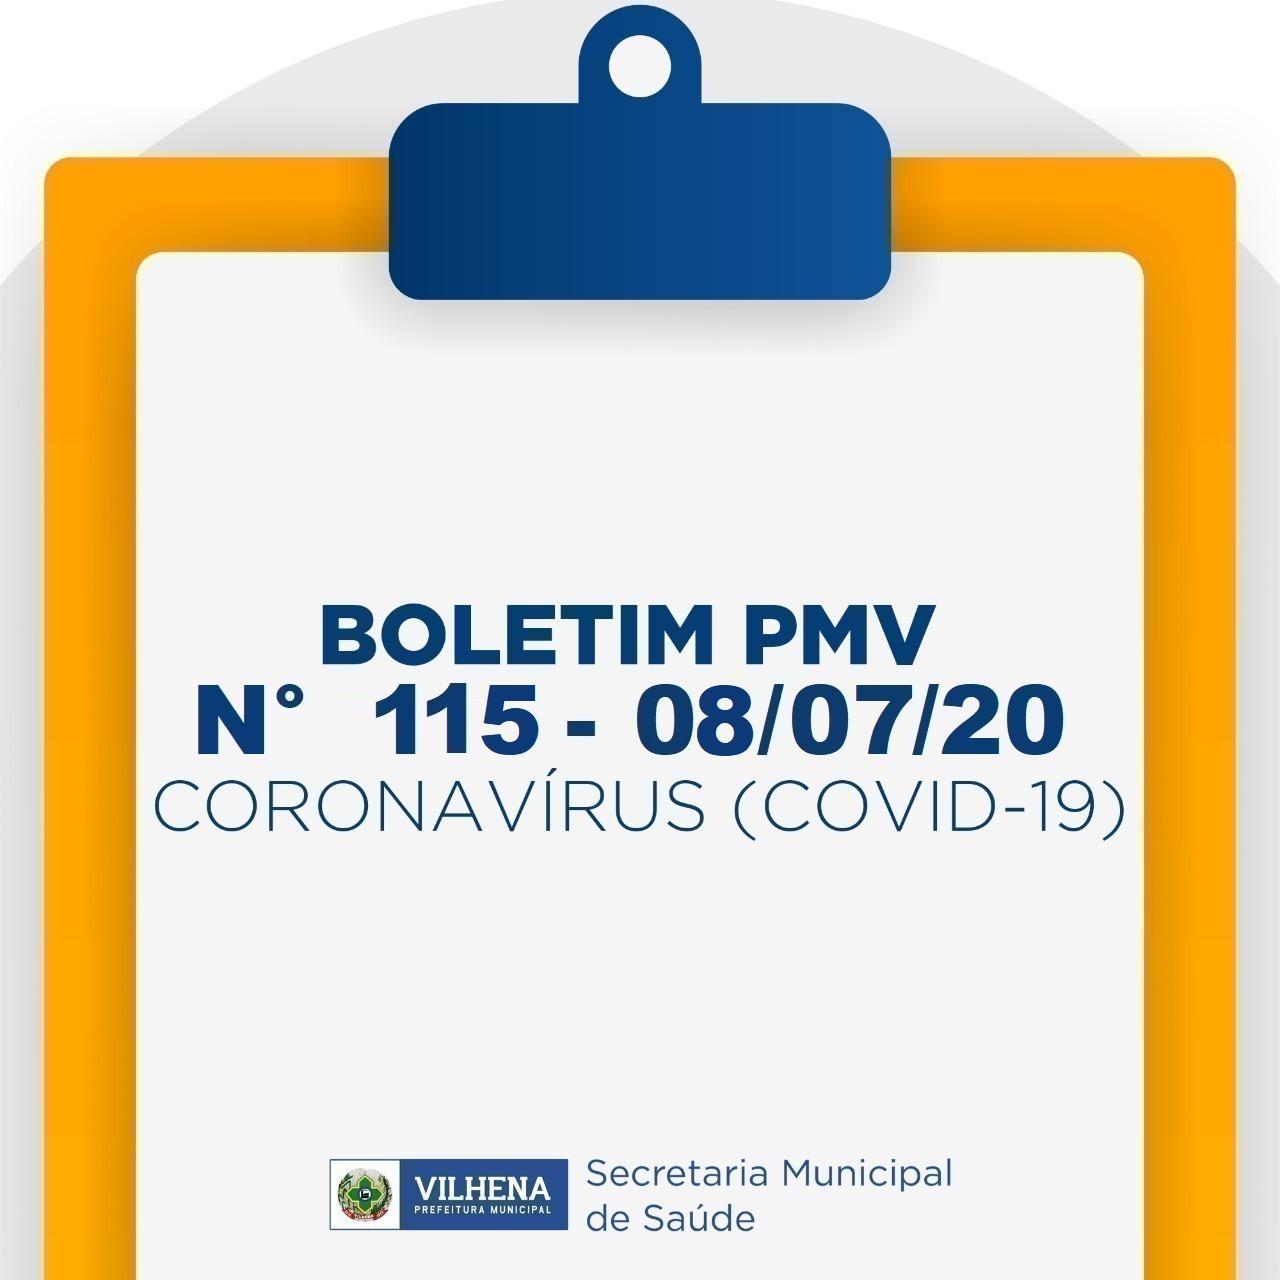 BOLETIM PMV Nº 115 - 08/07/20 - CORONAVÍRUS (COVID-19)